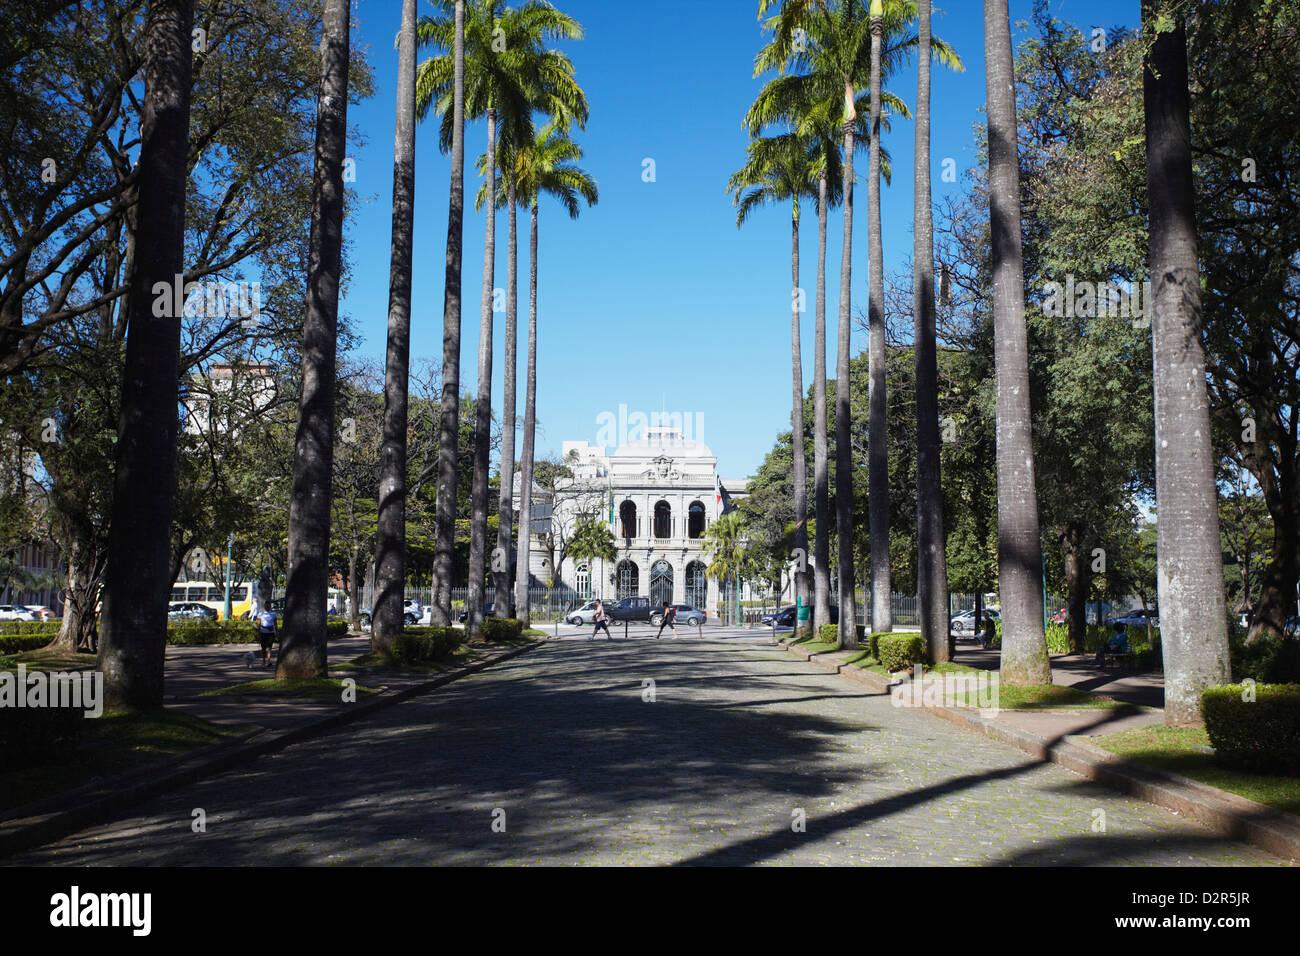 Palacio do Governo (Palace of the Government), Praca da Liberdade, Belo Horizonte, Minas Gerais, Brazil, South America - Stock Image